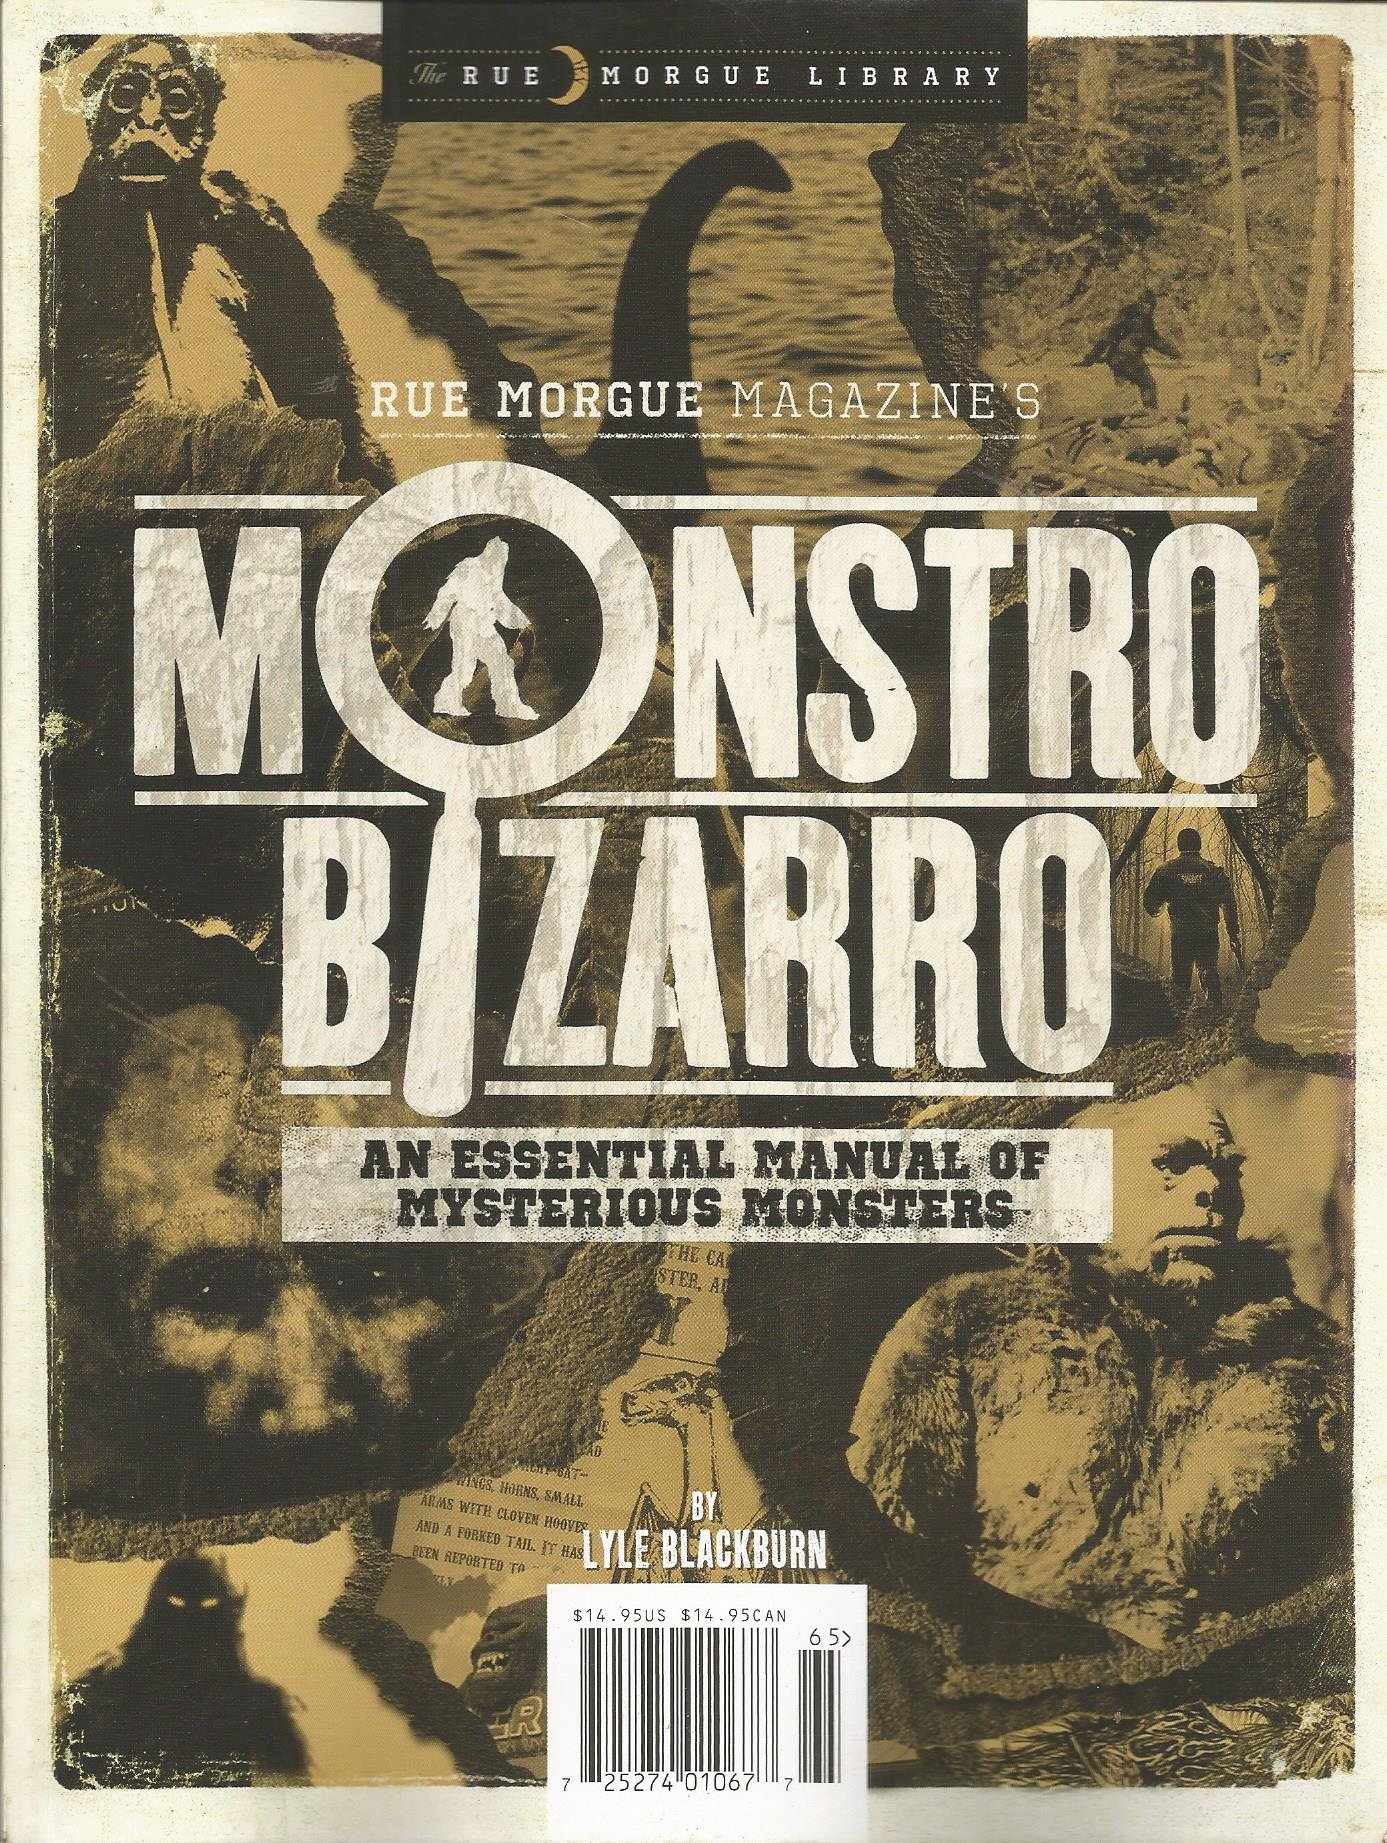 Monstro Bizarro